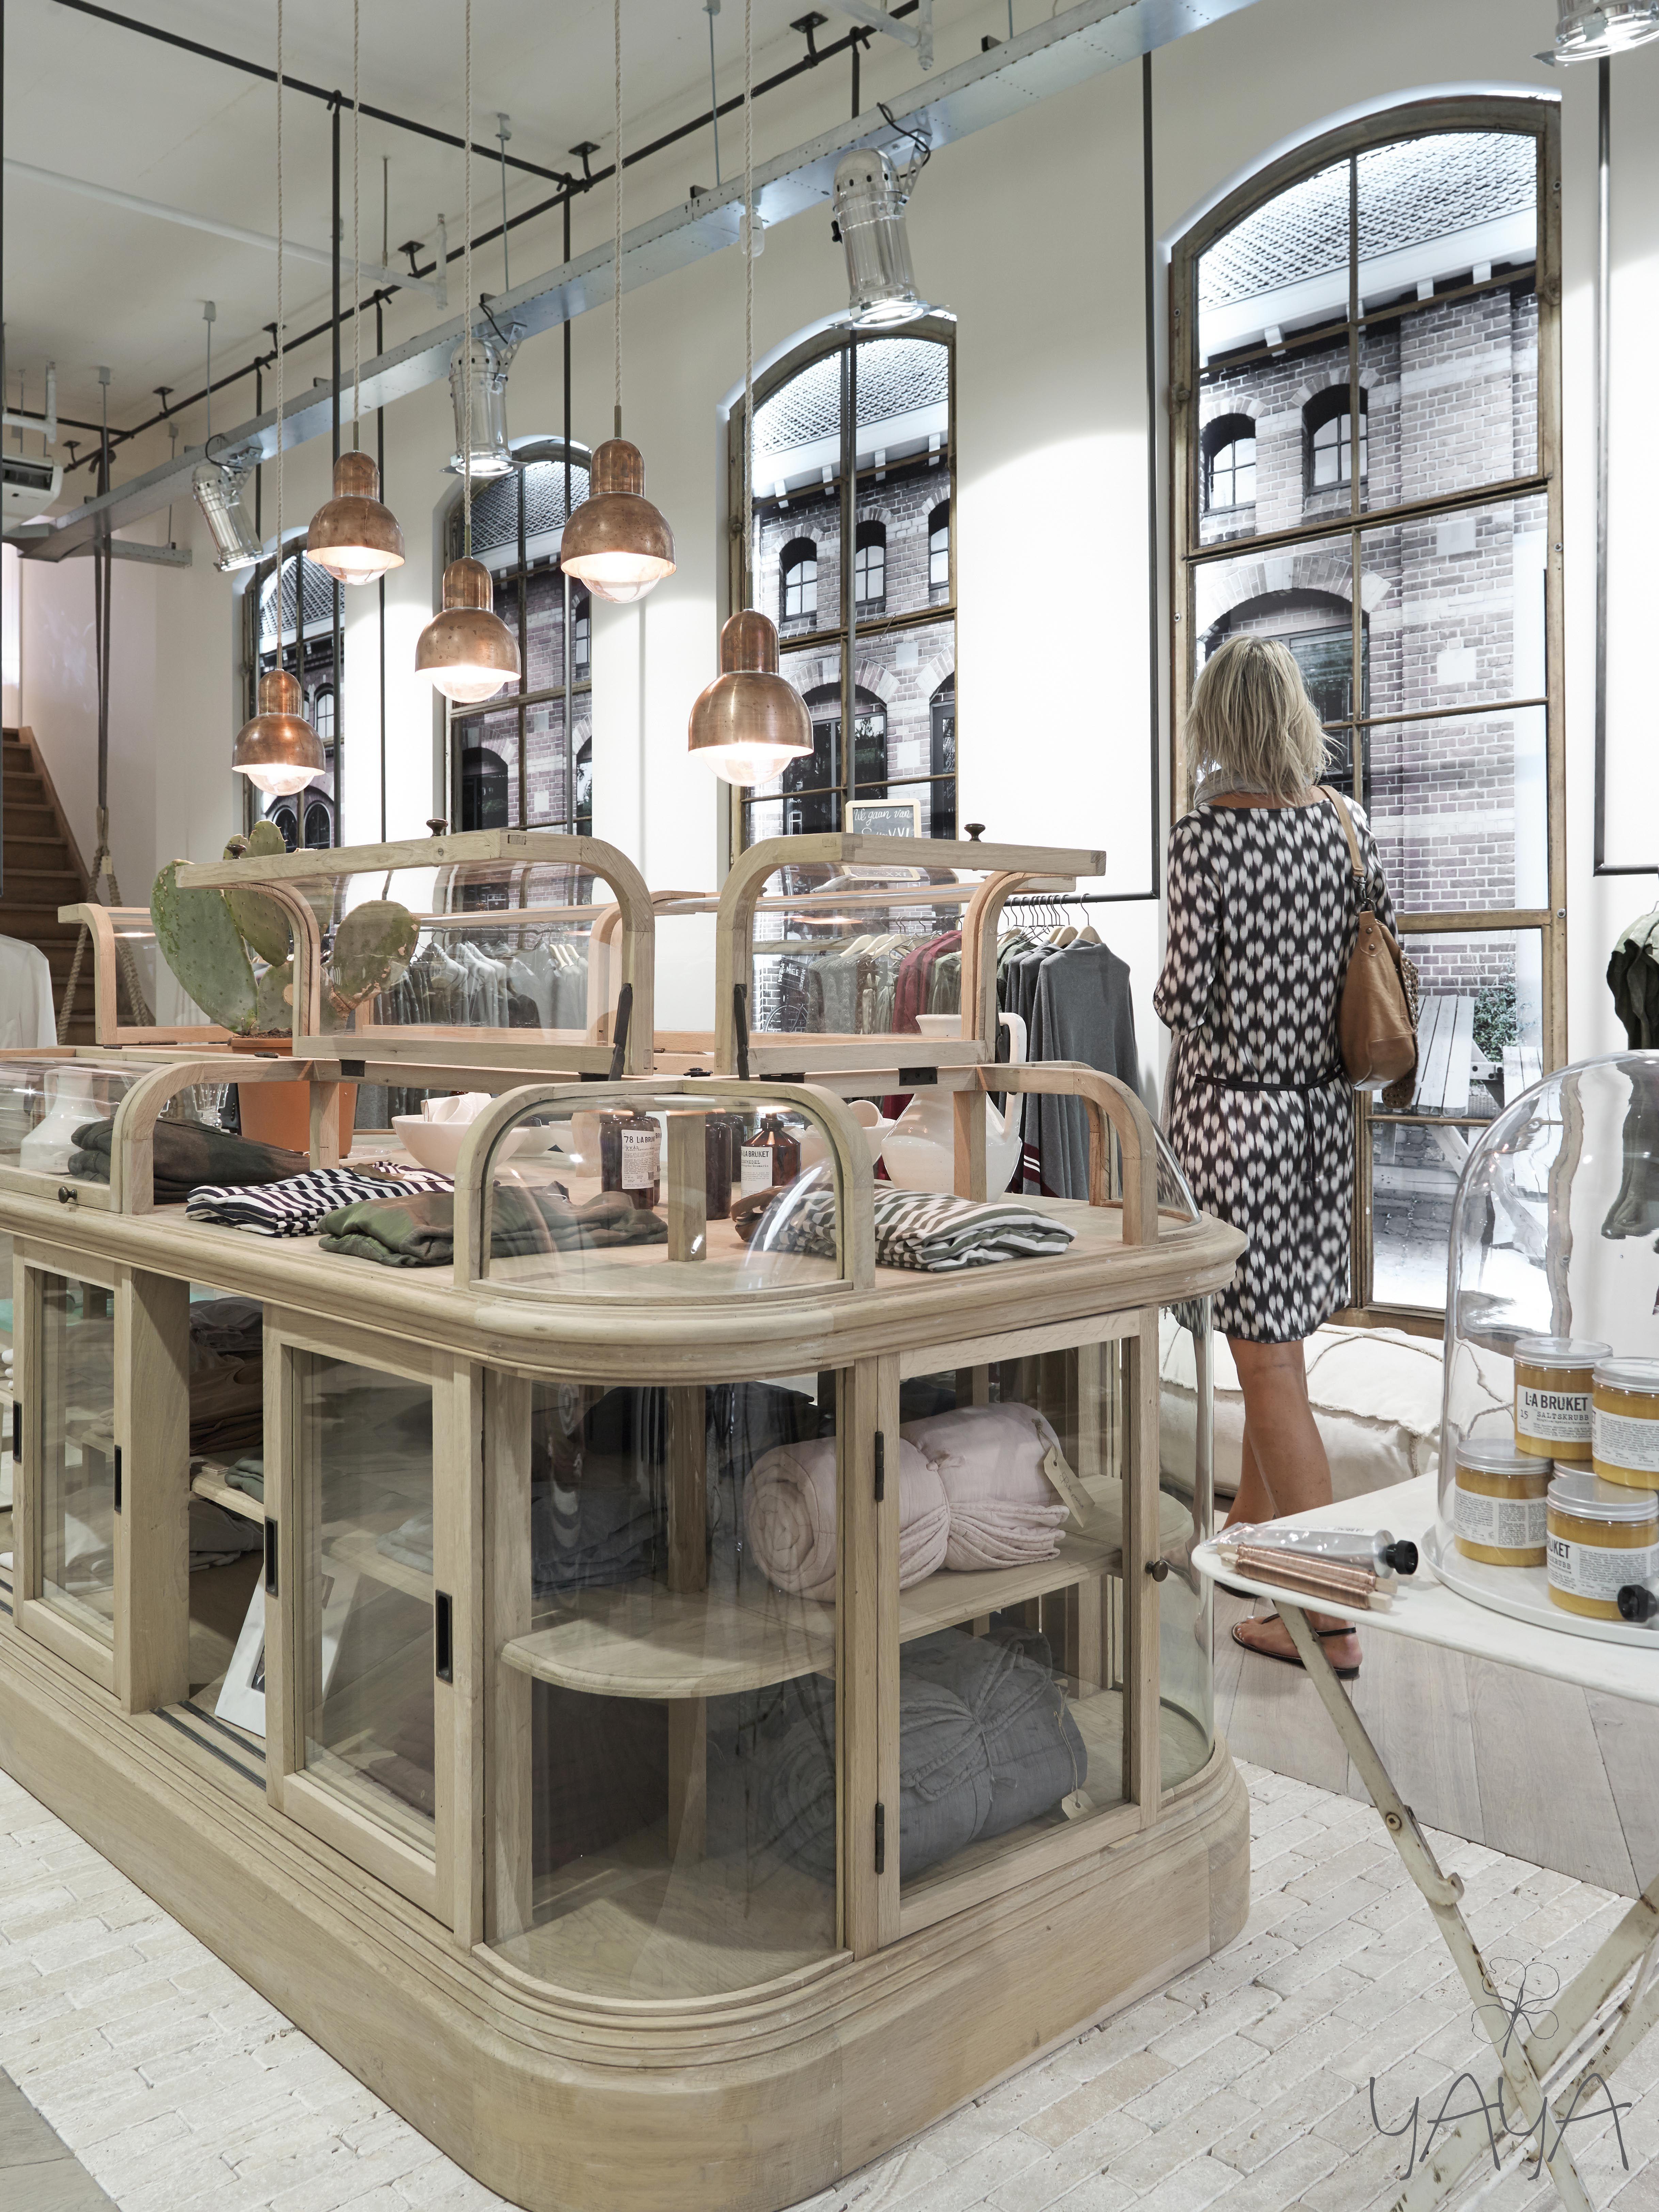 yaya concept store amstelveen winkeluitstallingen etalages winkel interieurontwerp winkel etalages winkel interieur